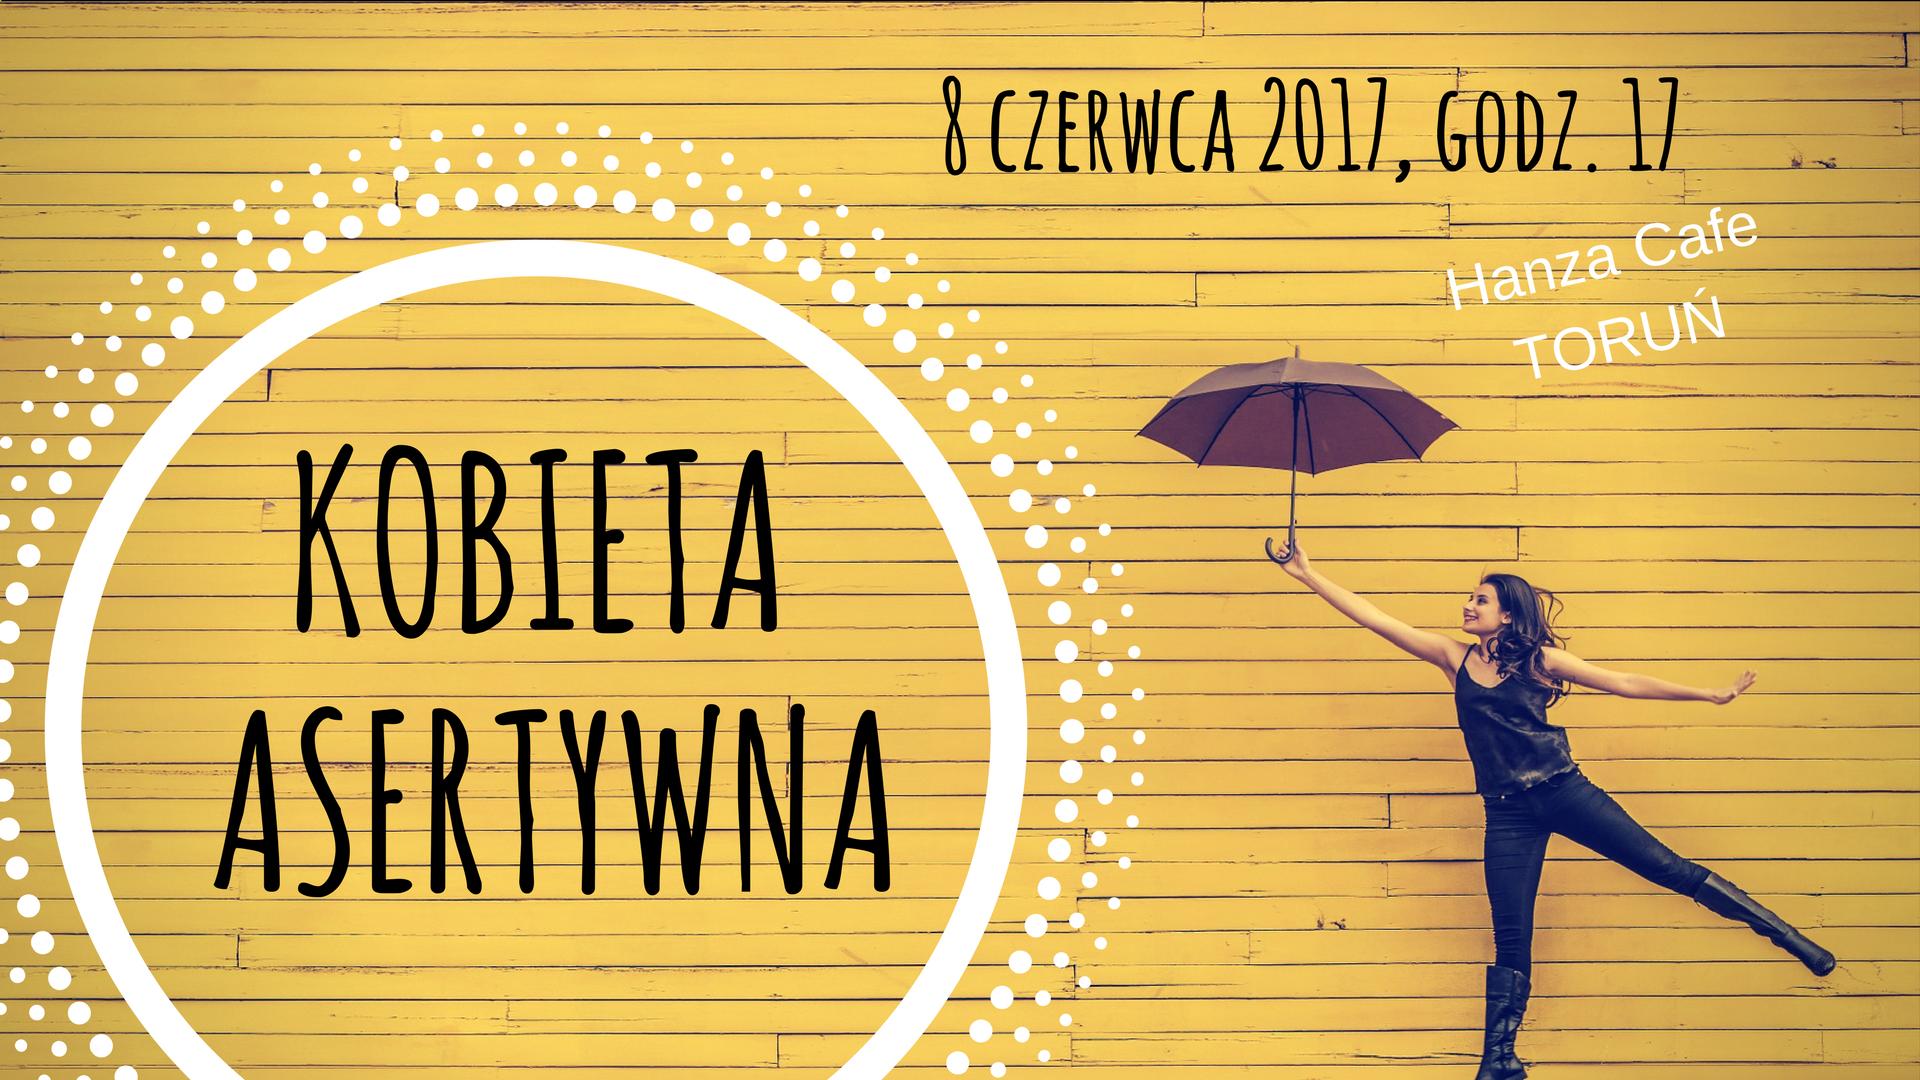 Kobieta Asertywna - warsztaty Dorota Skublicka - Coach Twoich Marzeń